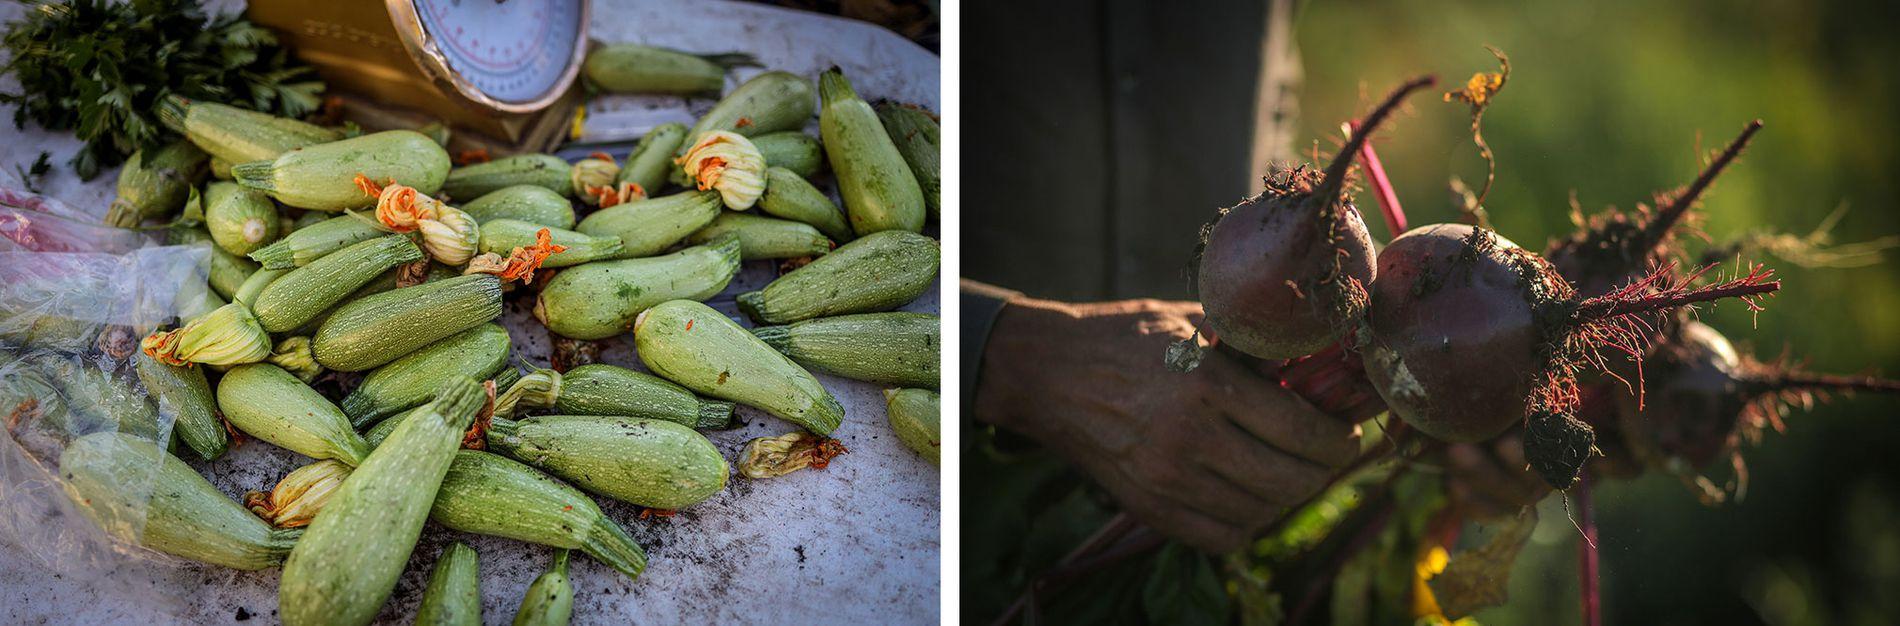 المنتجات الغذائية التي تنتجها مزرعة عائلة محمد الضاهر في كندا